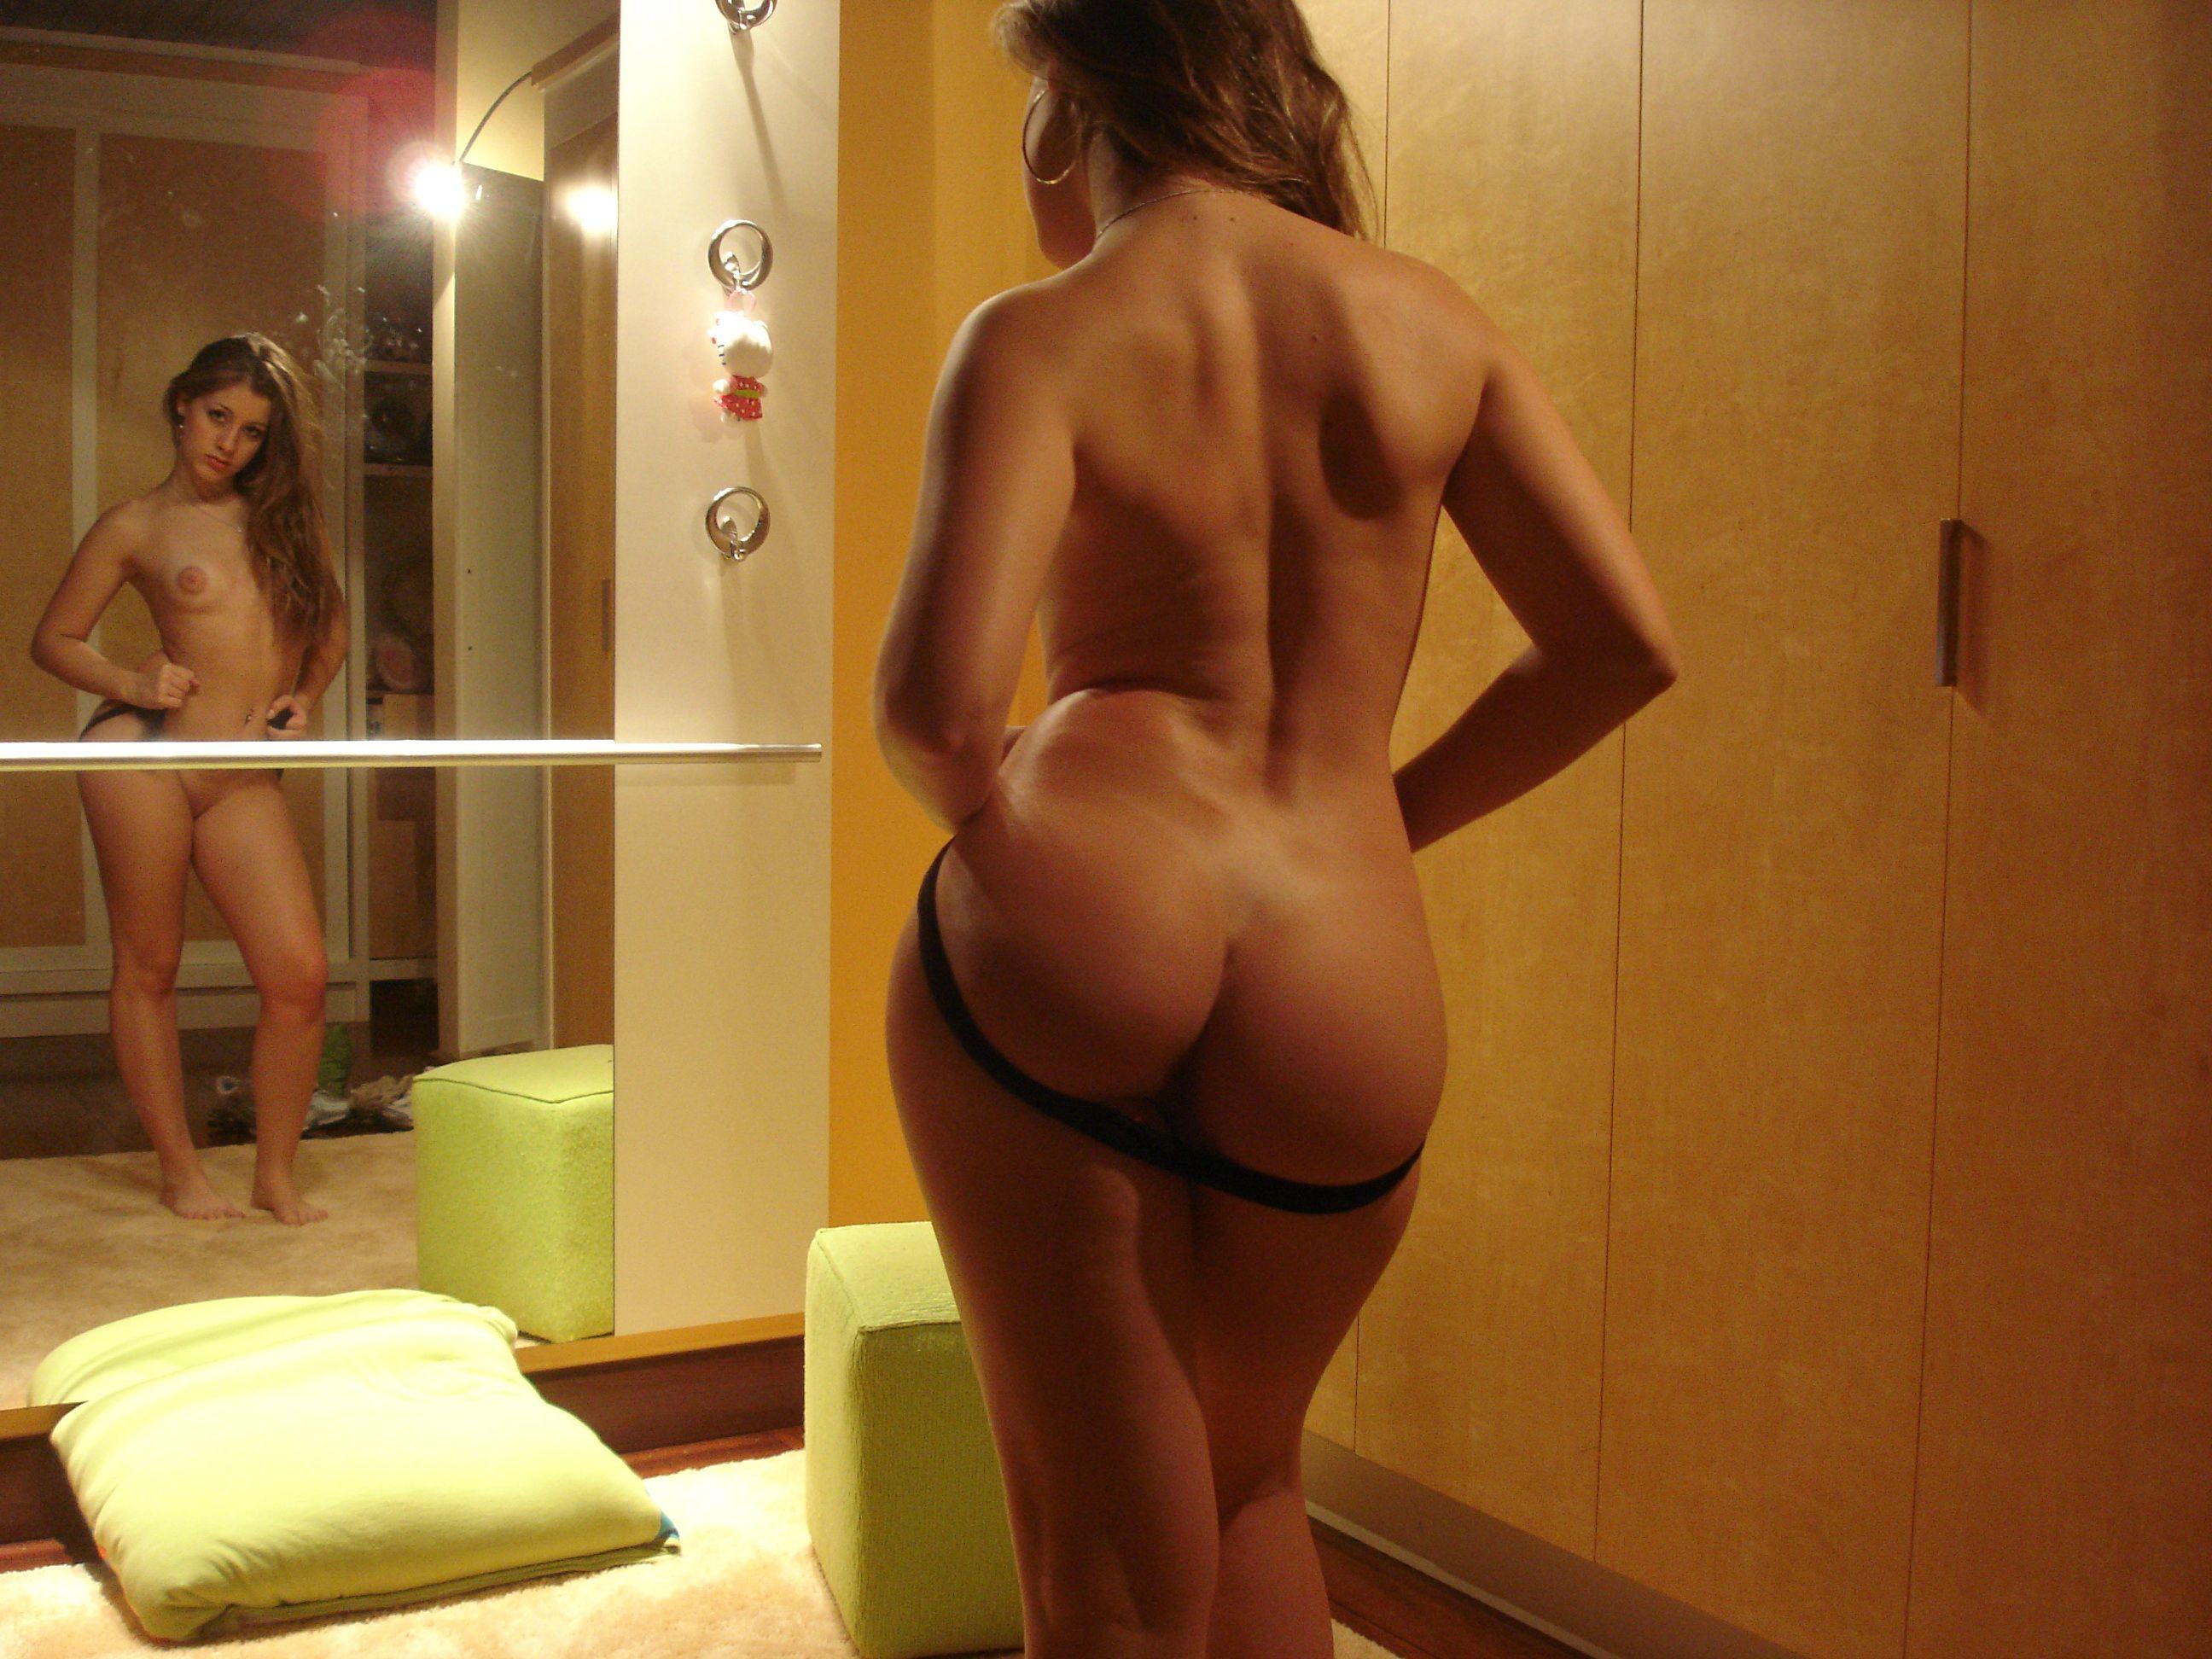 Dusky skinned filipina nude amateur